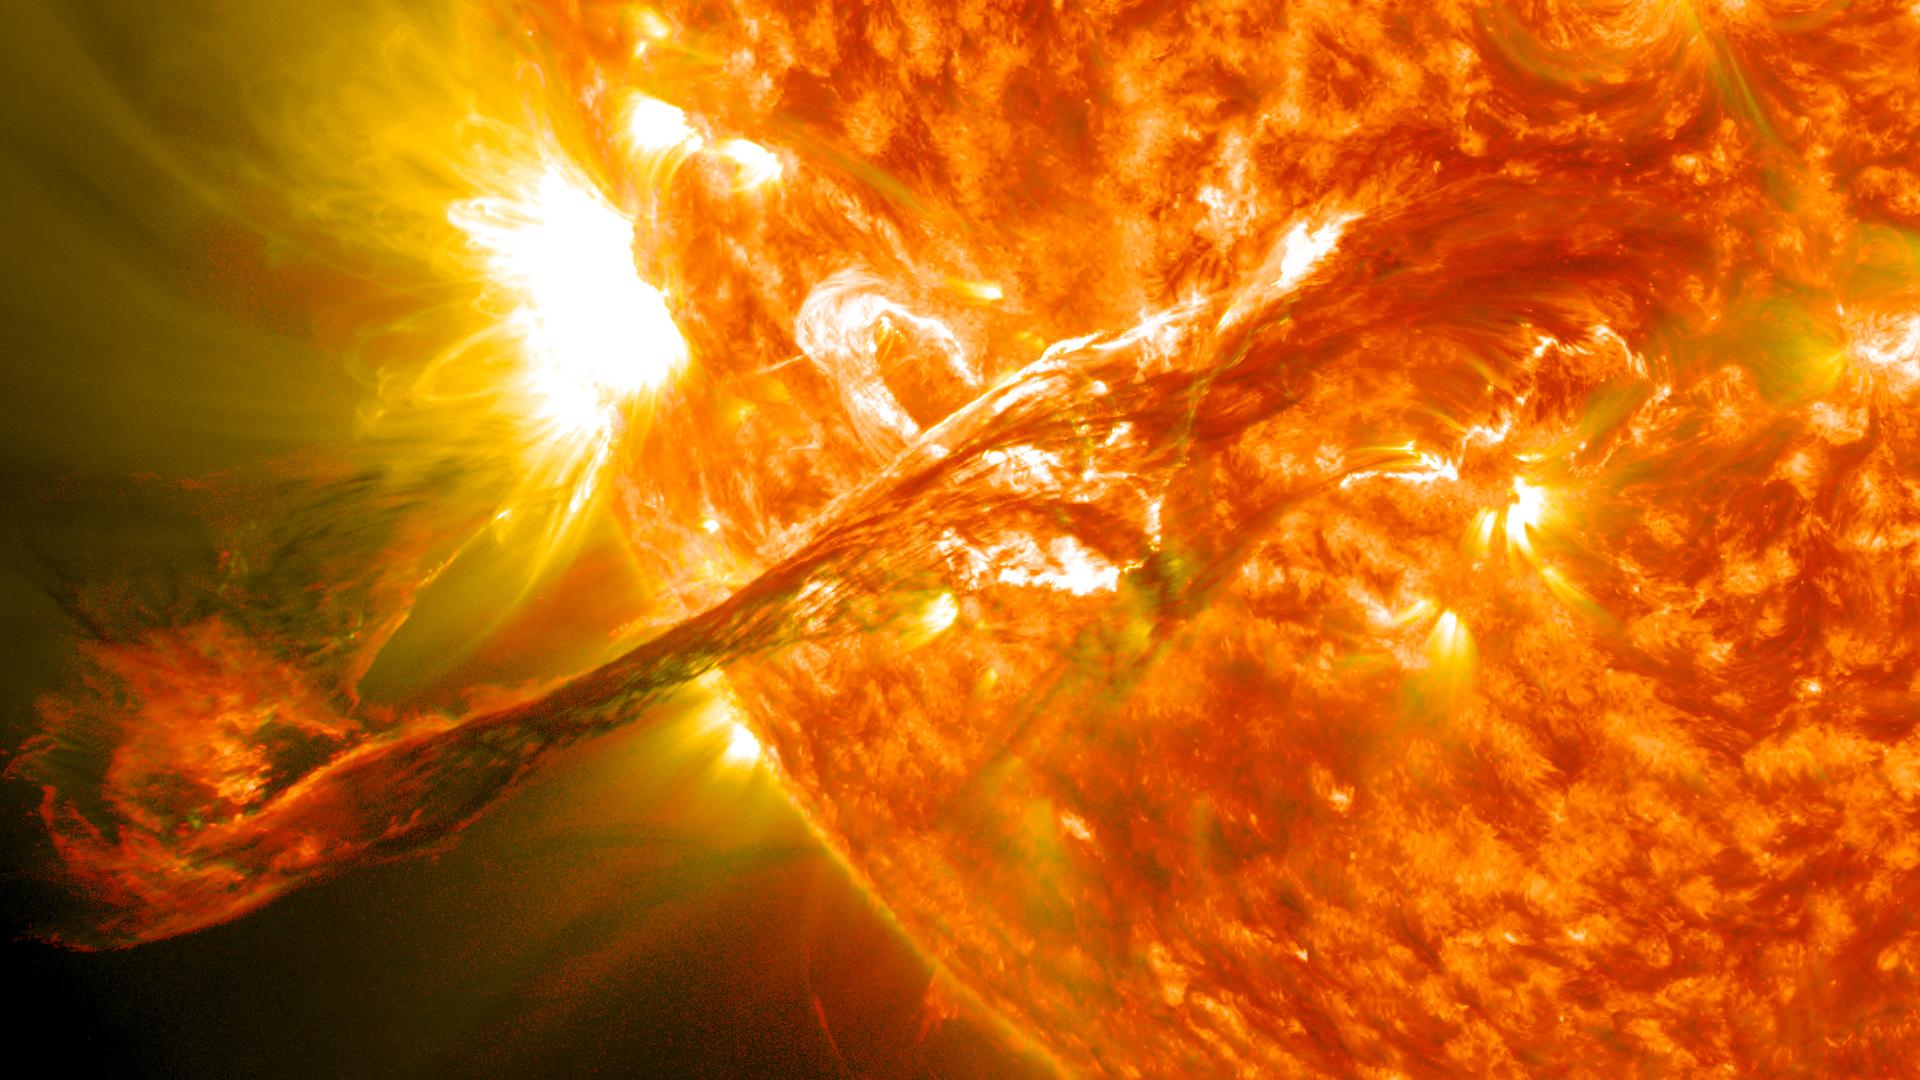 وجود آب و پتانسیل حیات در سیارات فرا خورشیدی/ آیا سفر از طرق کرمچاله ممکن است؟/ زمین در معرض خطر توفانهای خورشیدی